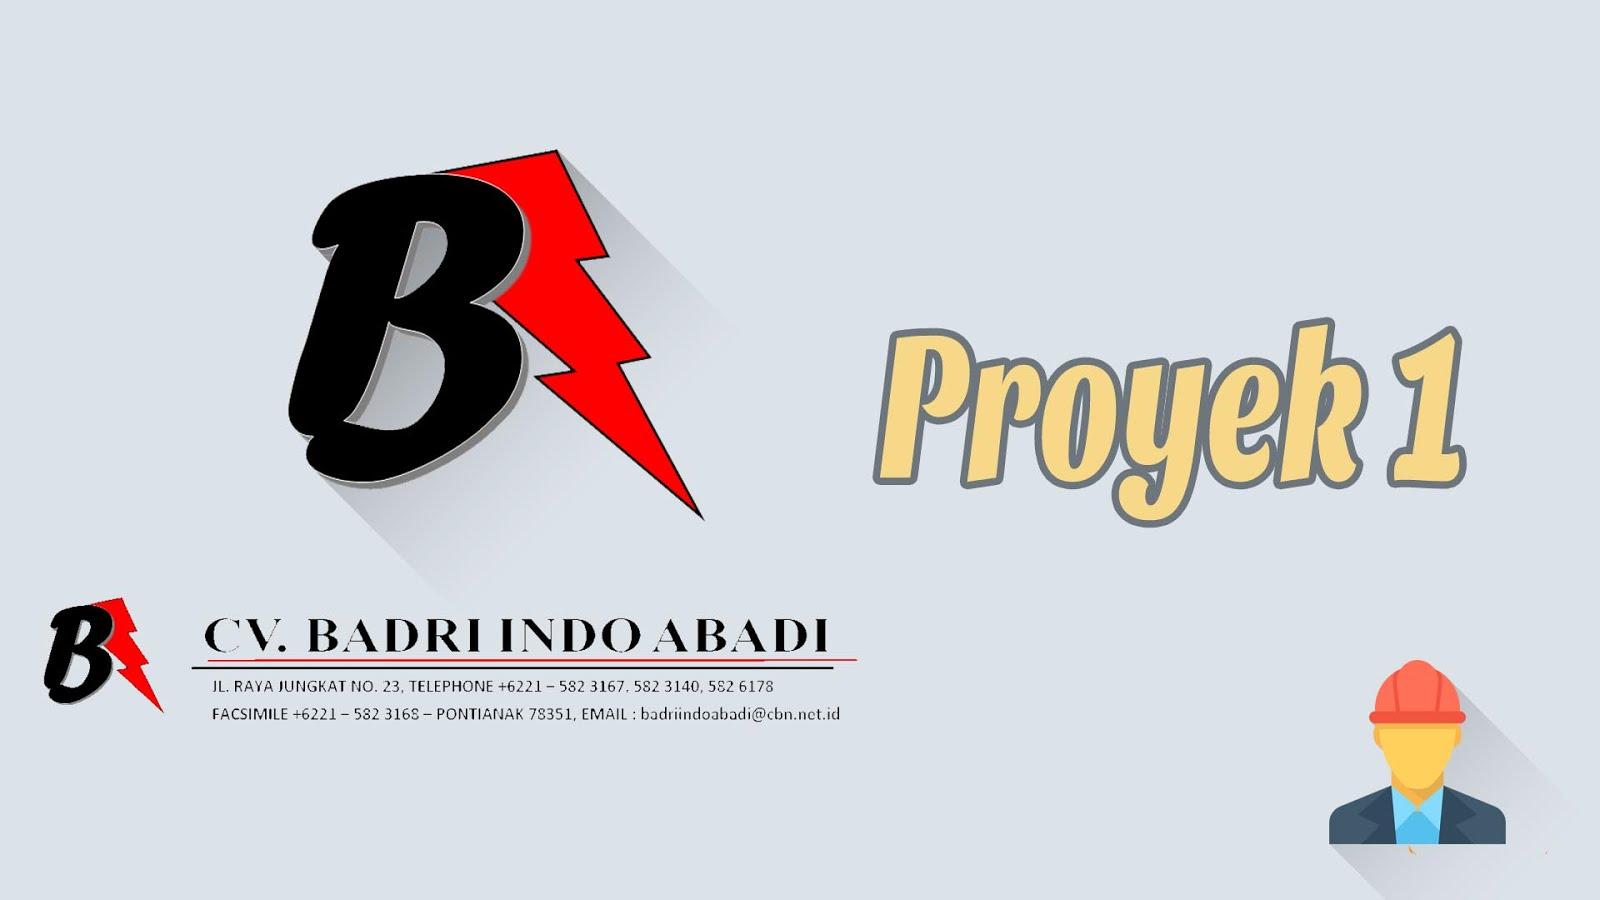 Proyek 1 - Membuat Berkas Perusahaan Anda